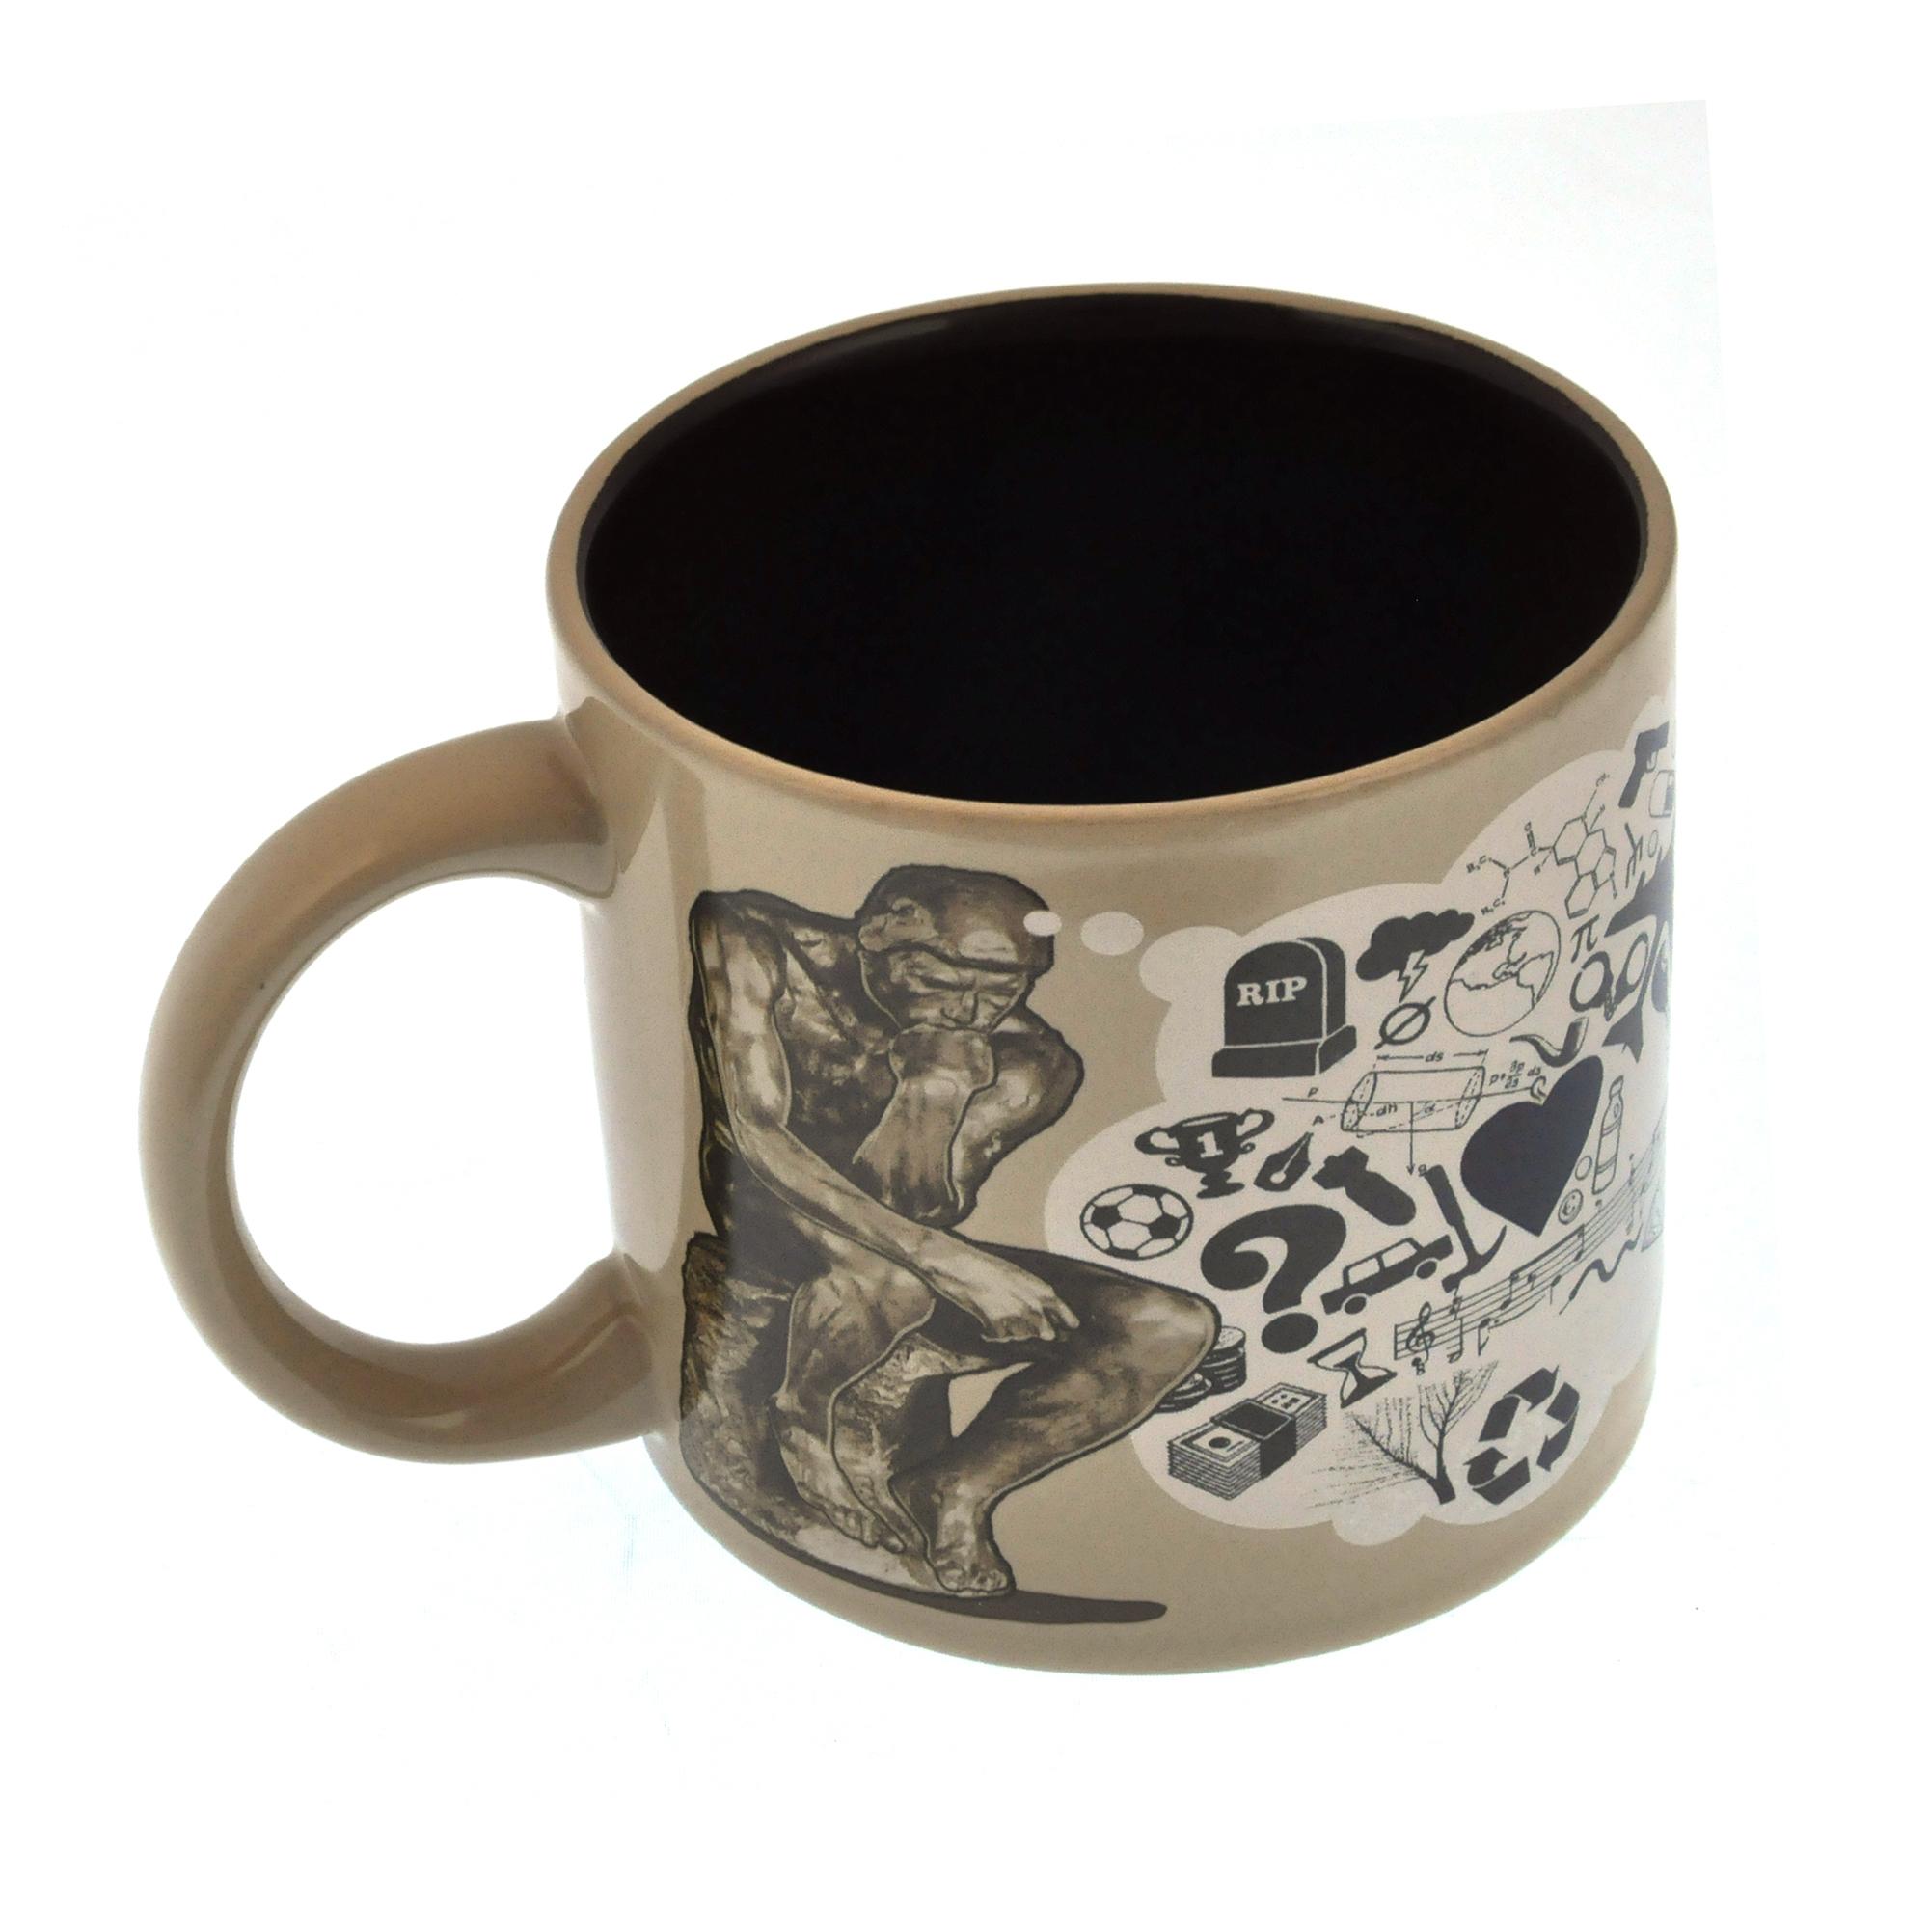 das denker w rme wechsel kaffee tasse. Black Bedroom Furniture Sets. Home Design Ideas